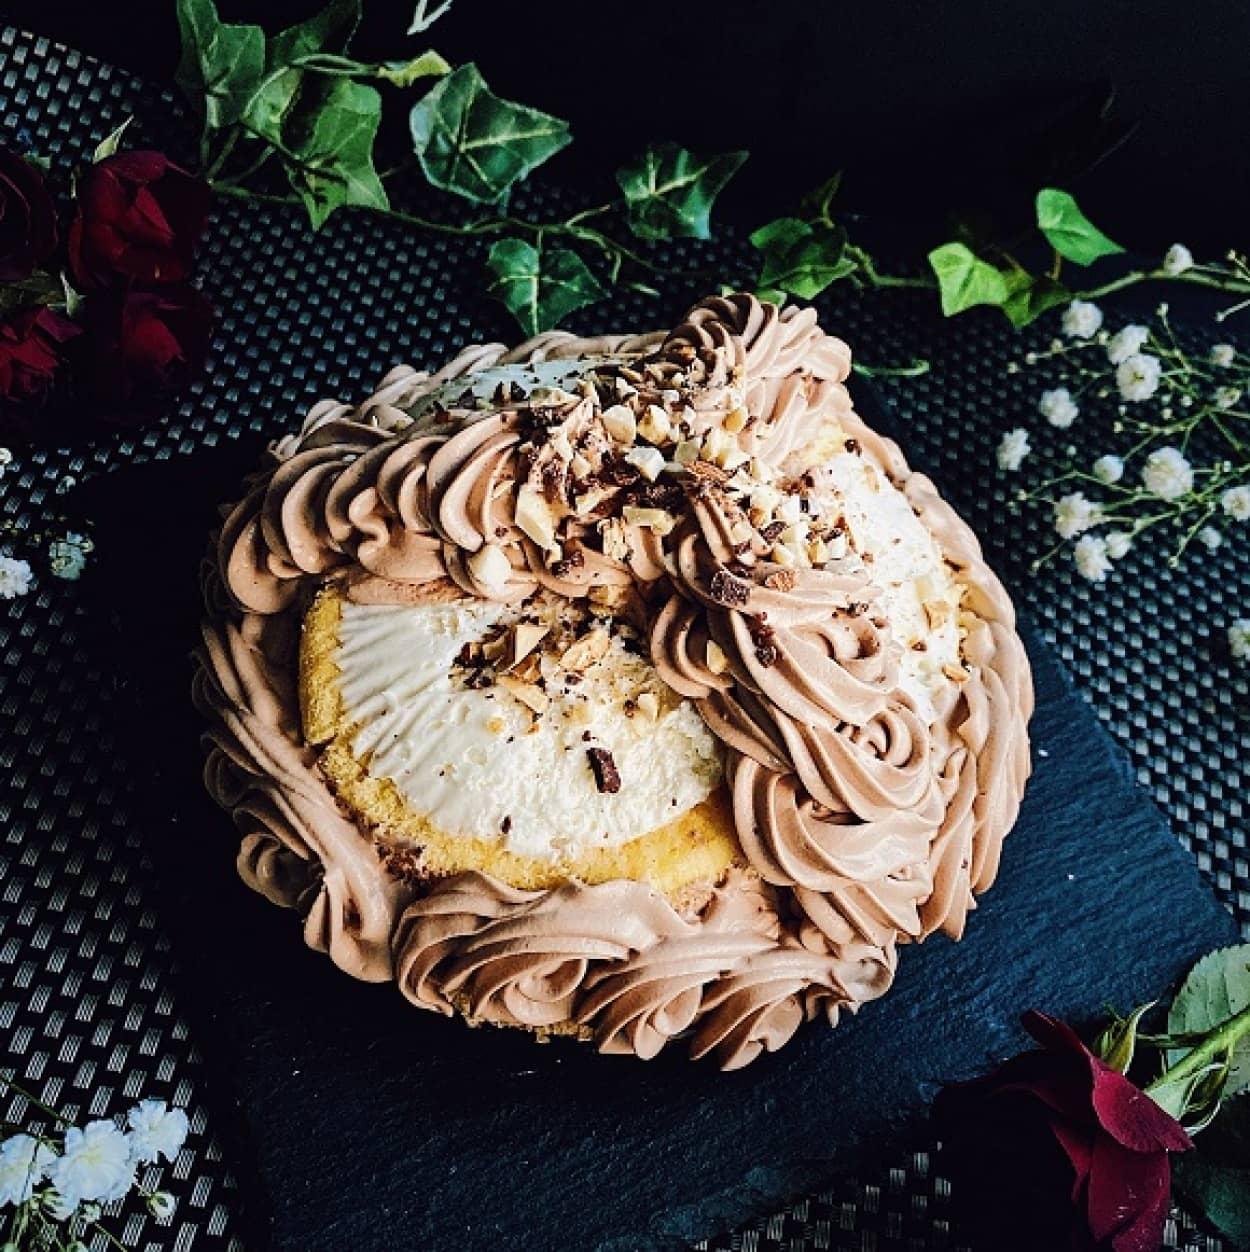 市販のロールケーキで作るバナナチョコケーキ